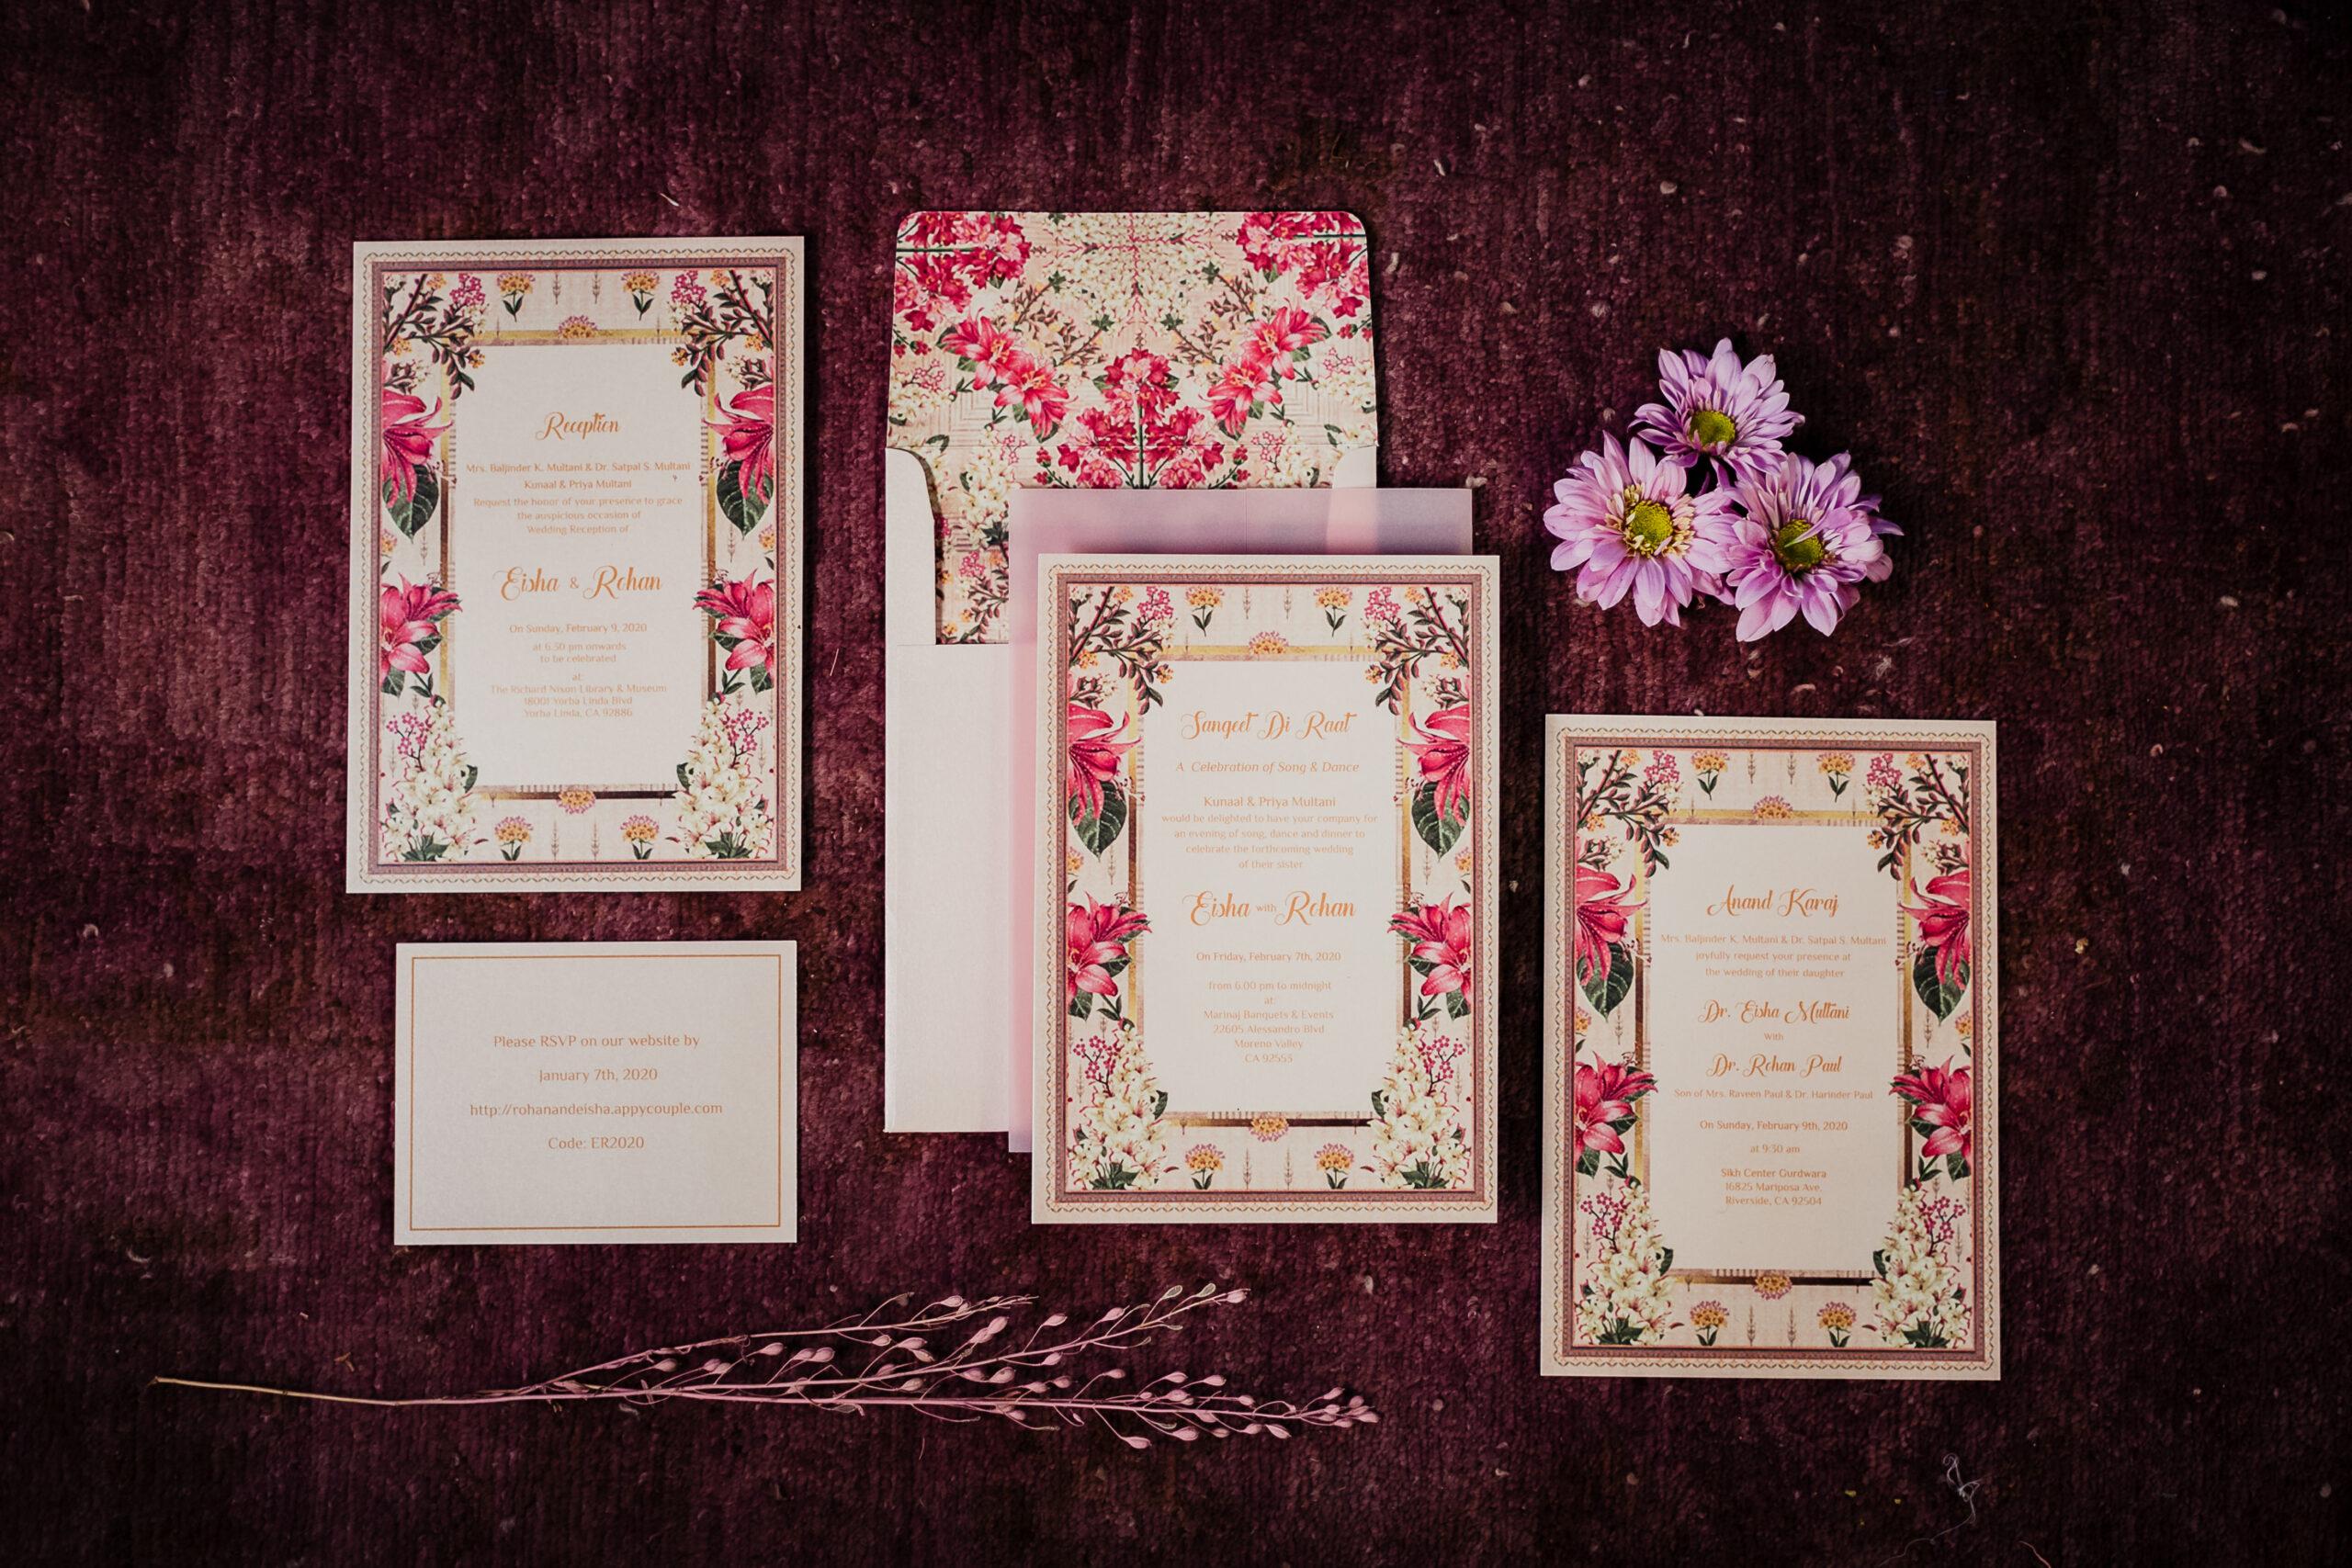 ER-Nixon-Library-Yorba-Linda-Indian-Wedding-Photography-615